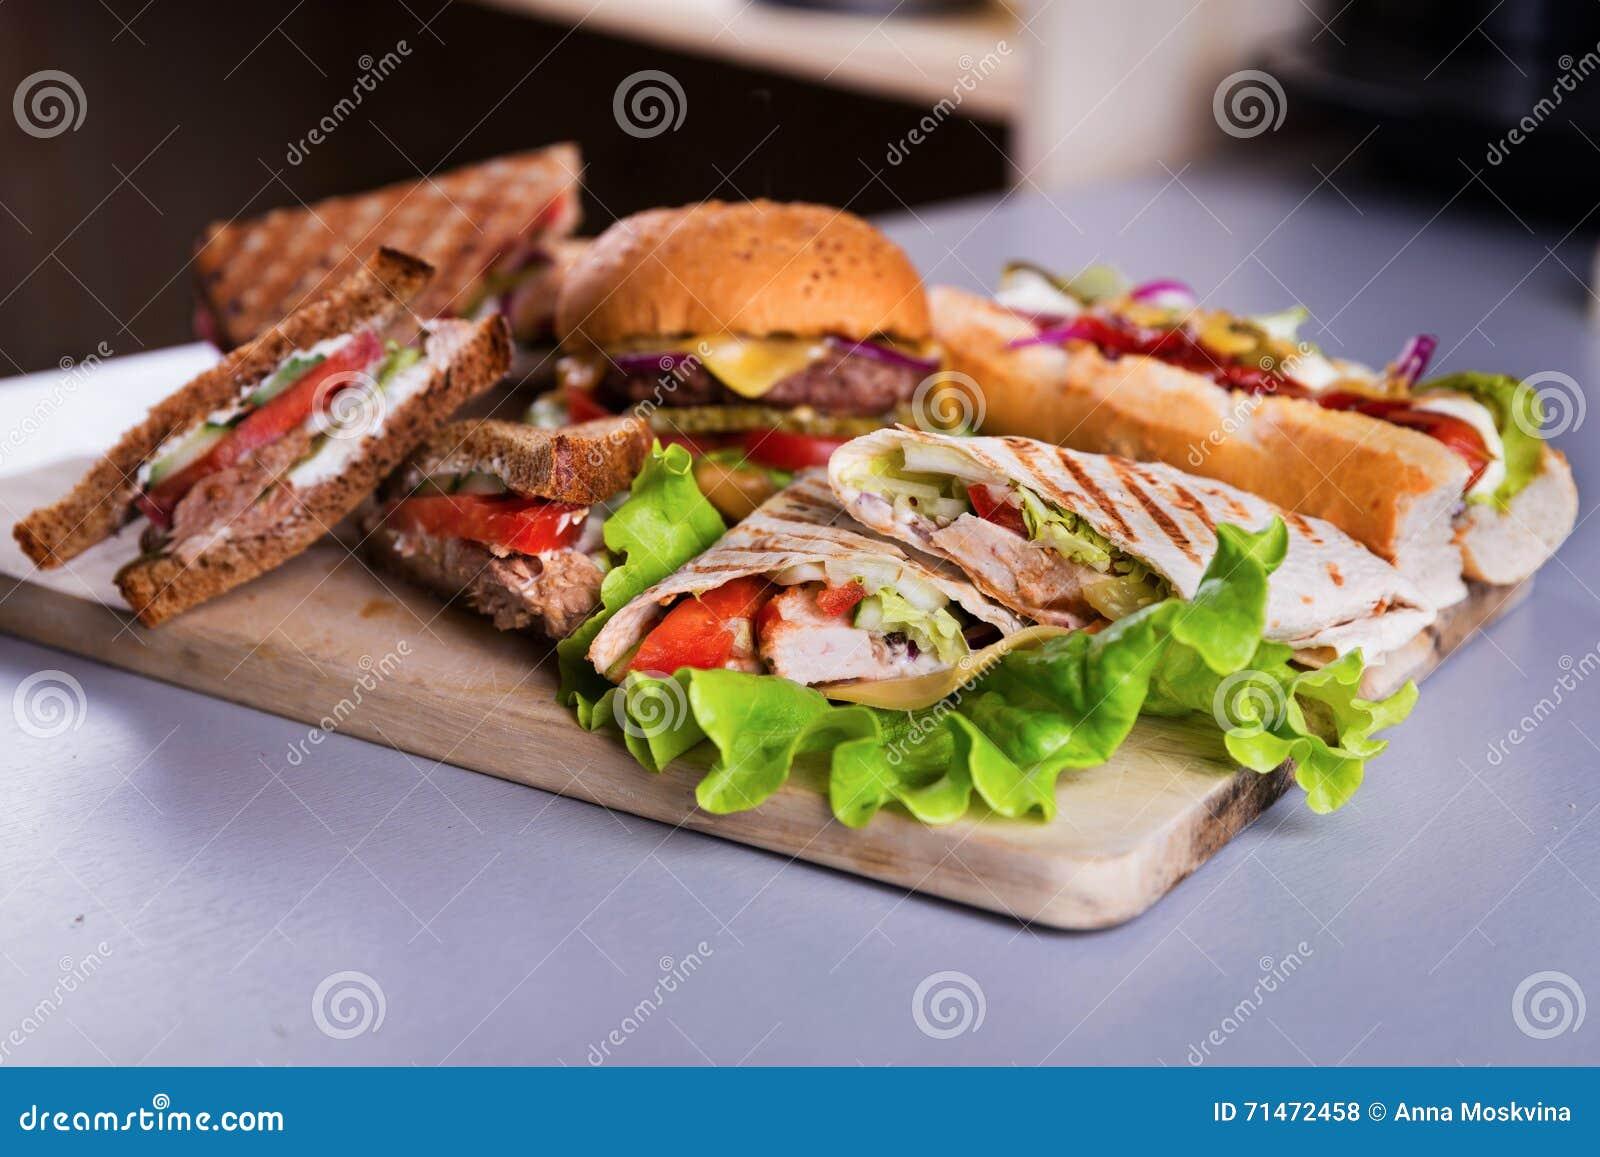 Best Healthy Fast Food Chicken Sandwich